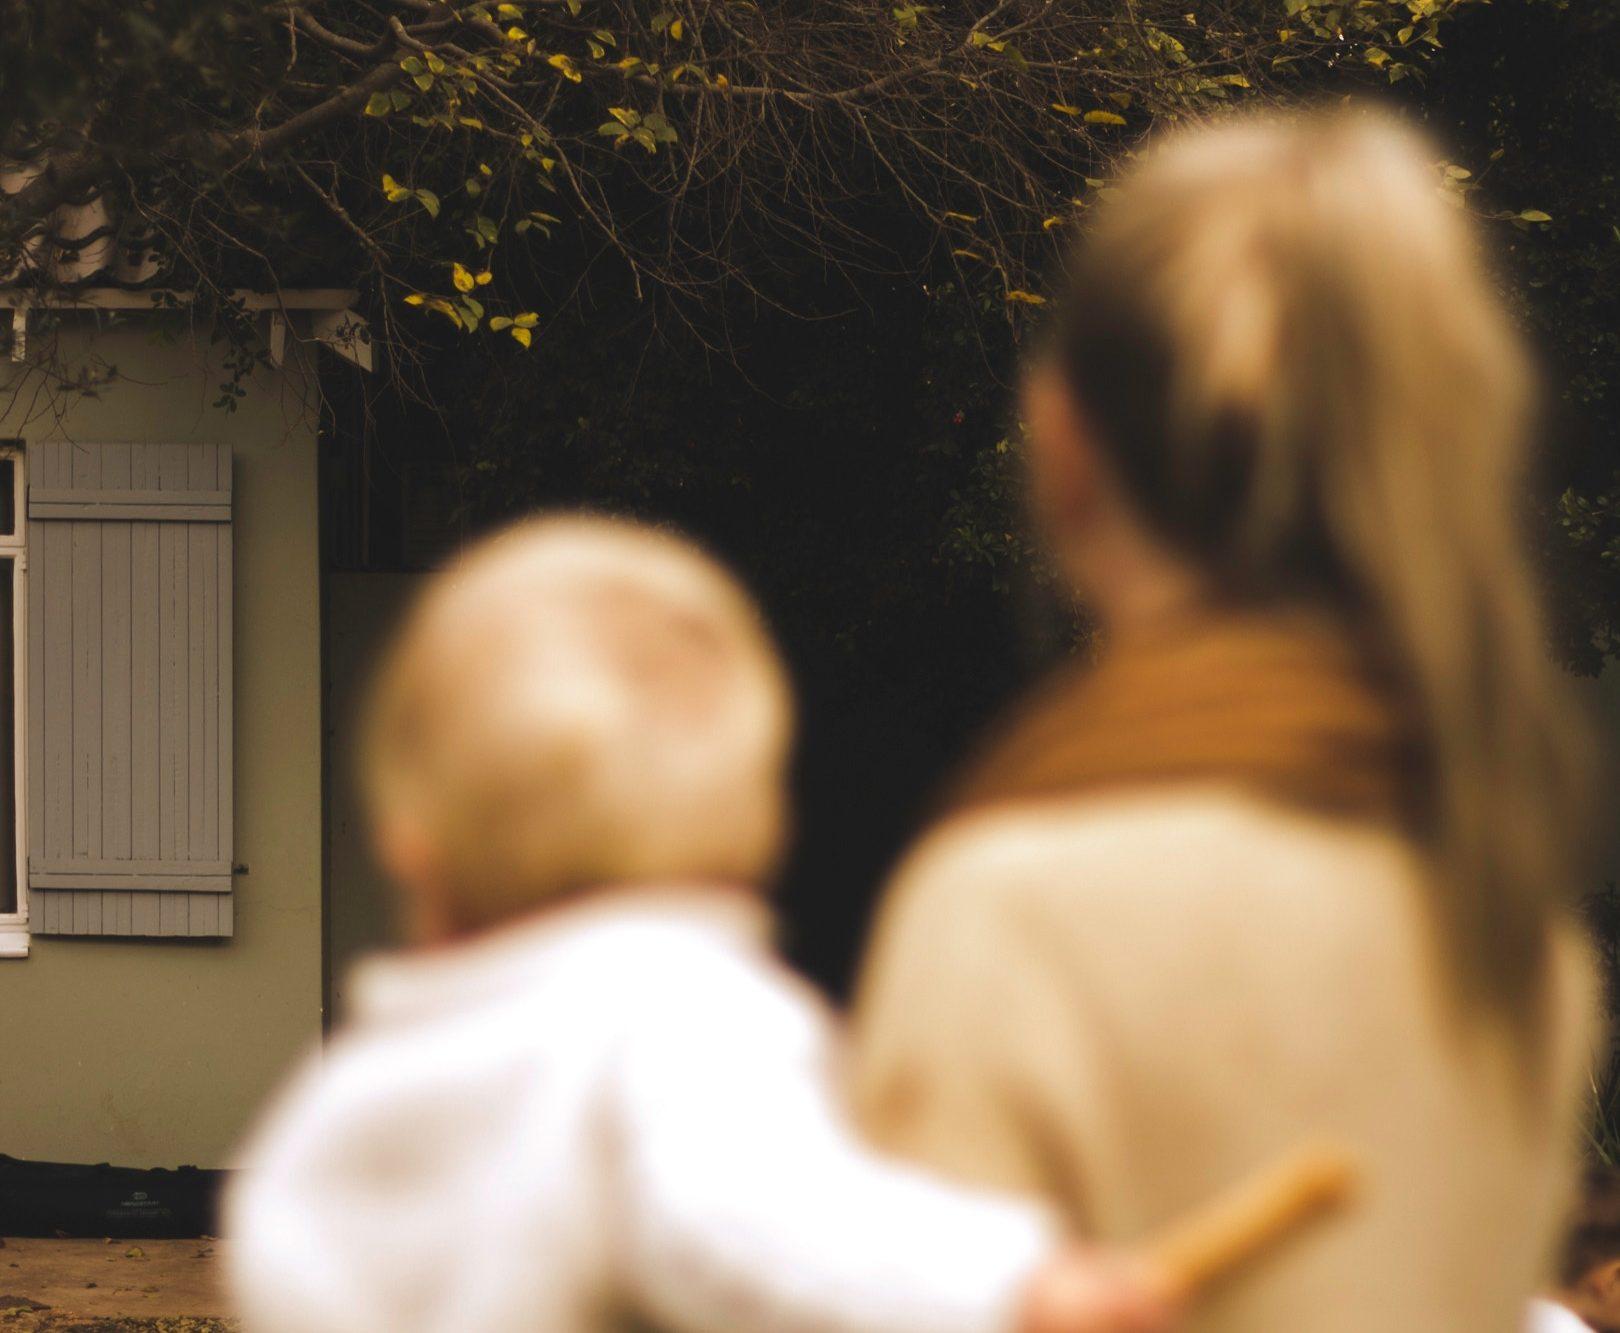 Niewyraźne zdjęcie matki i dziecka /Ilustracja do tekstu: Dzień Matki a niepłodność